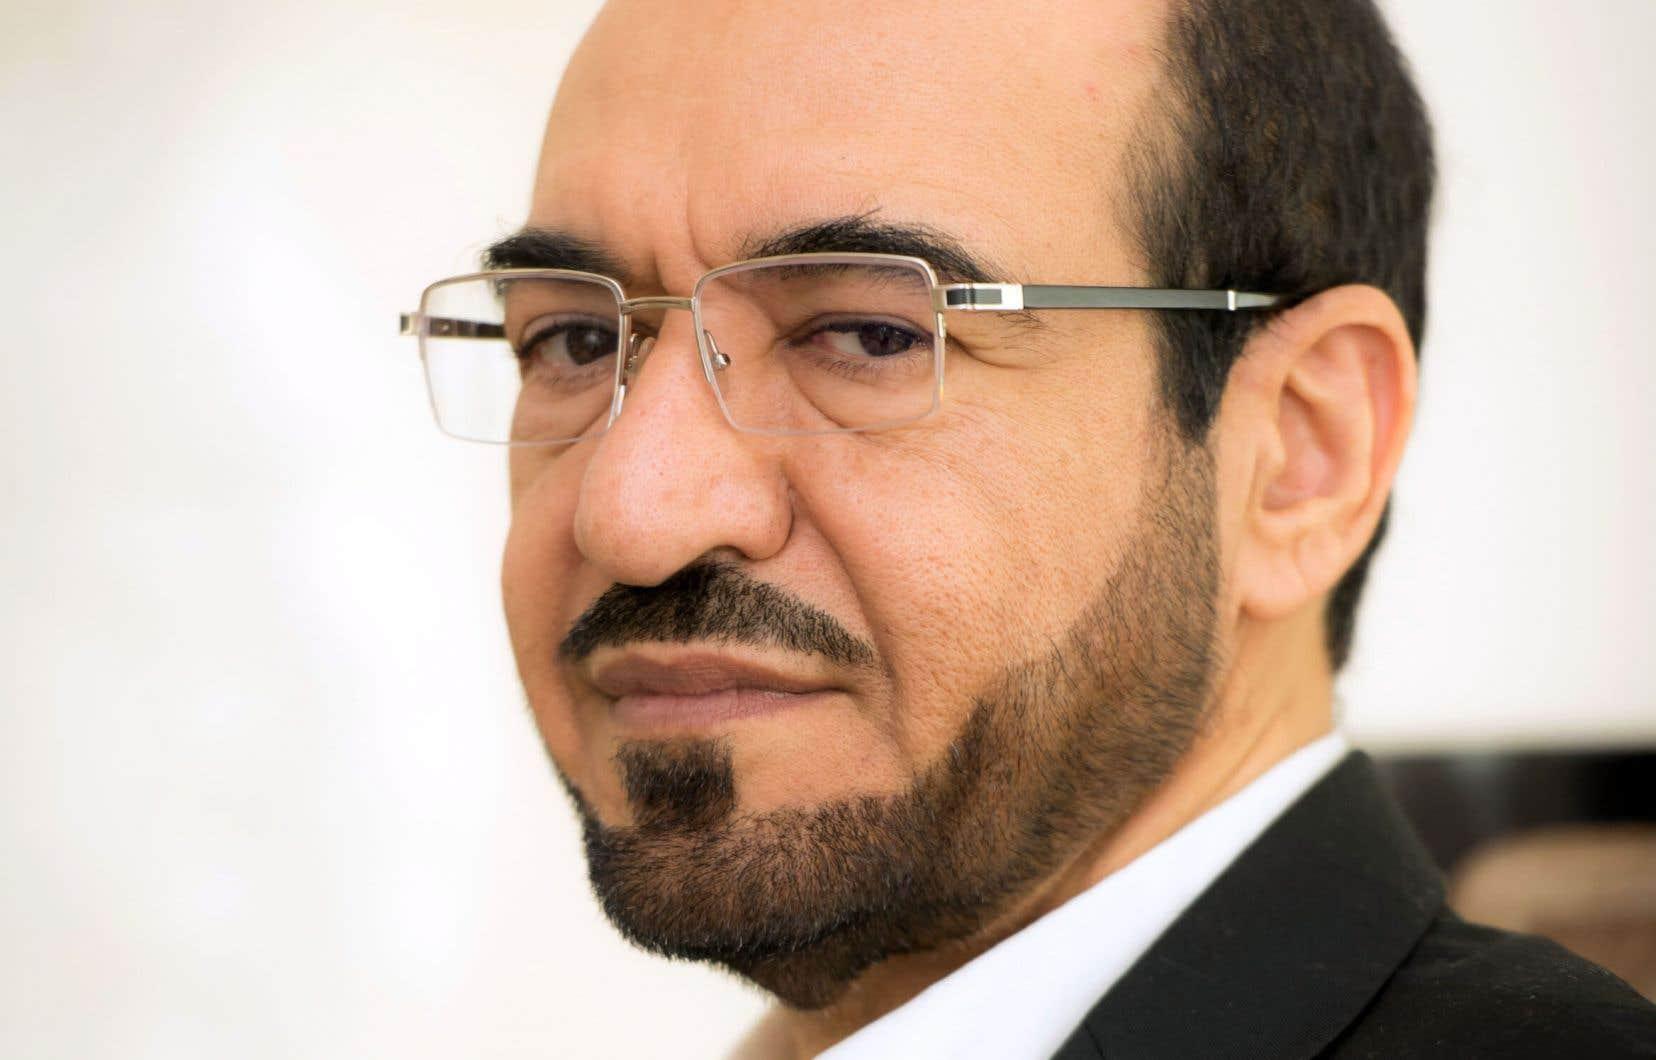 Saad Aljabri, un ancien espion saoudien exilé au Canada, a déposé une plainte devant un tribunal de Washington accusant le prince héritier d'Arabie saoudite d'avoir tenté de l'assassiner en 2018.